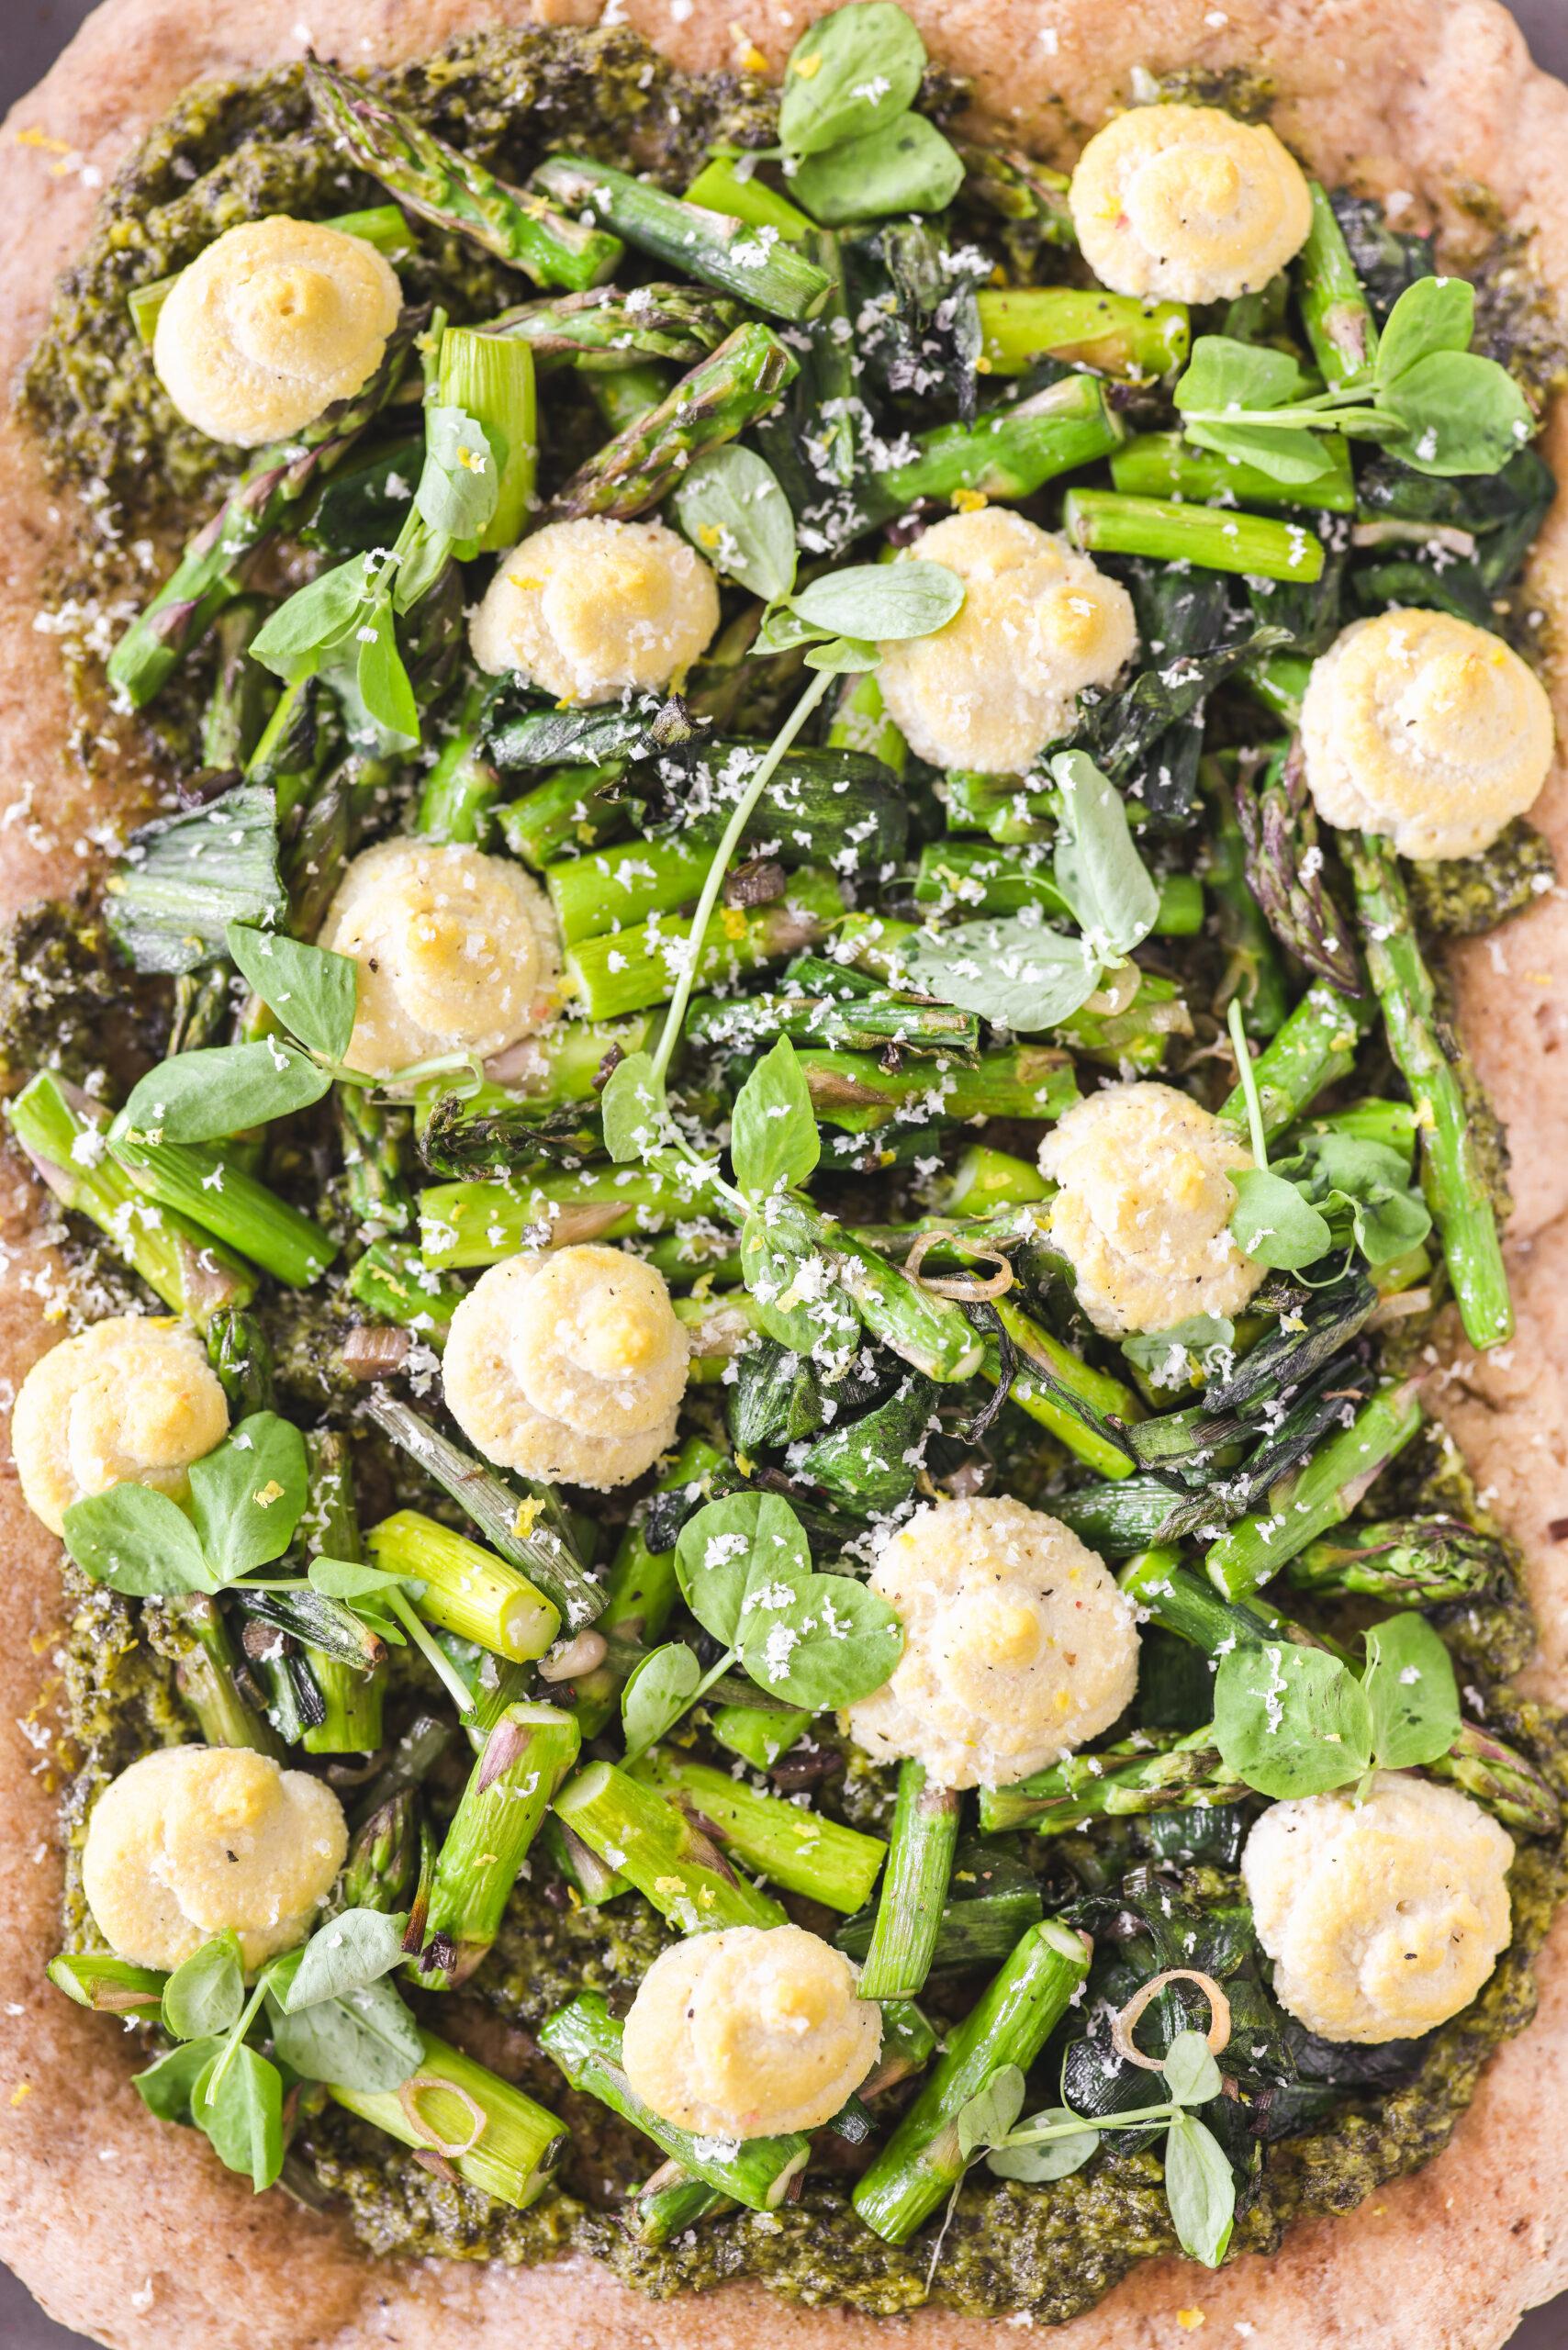 Asparagus ricotta and pea shoot pesto pizza